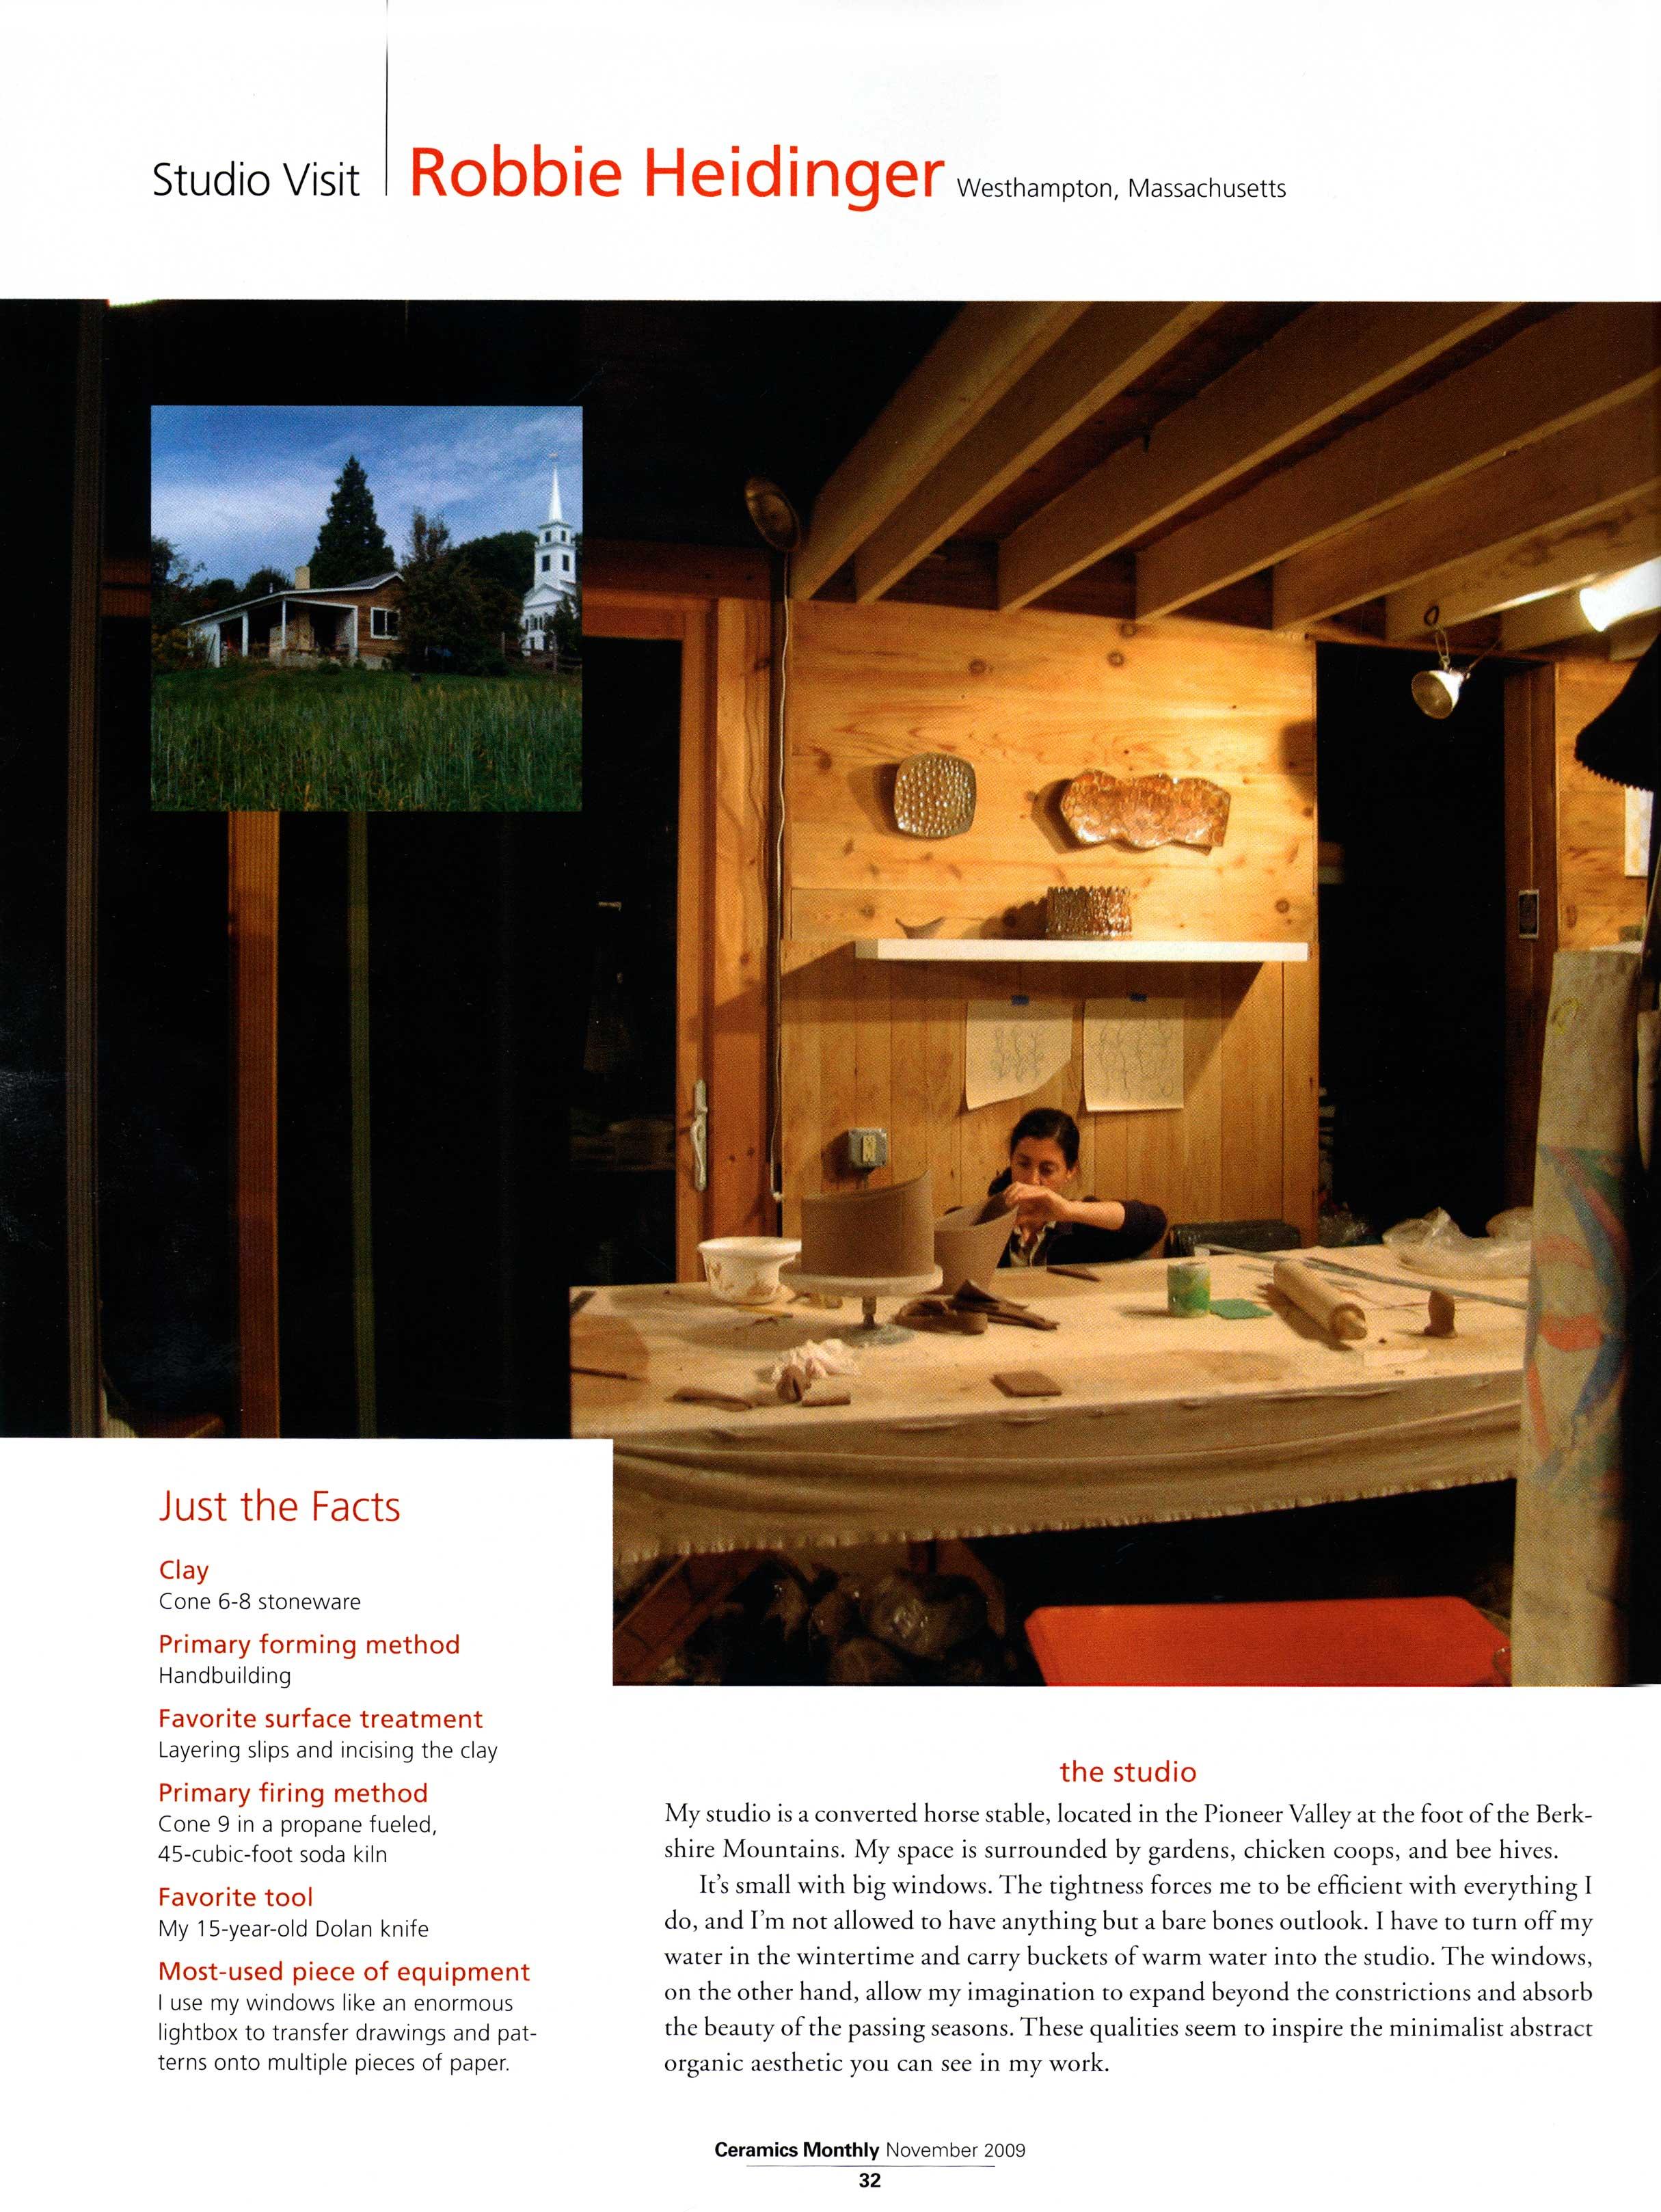 Heidinger-Ceramics-Monthly-01.jpg